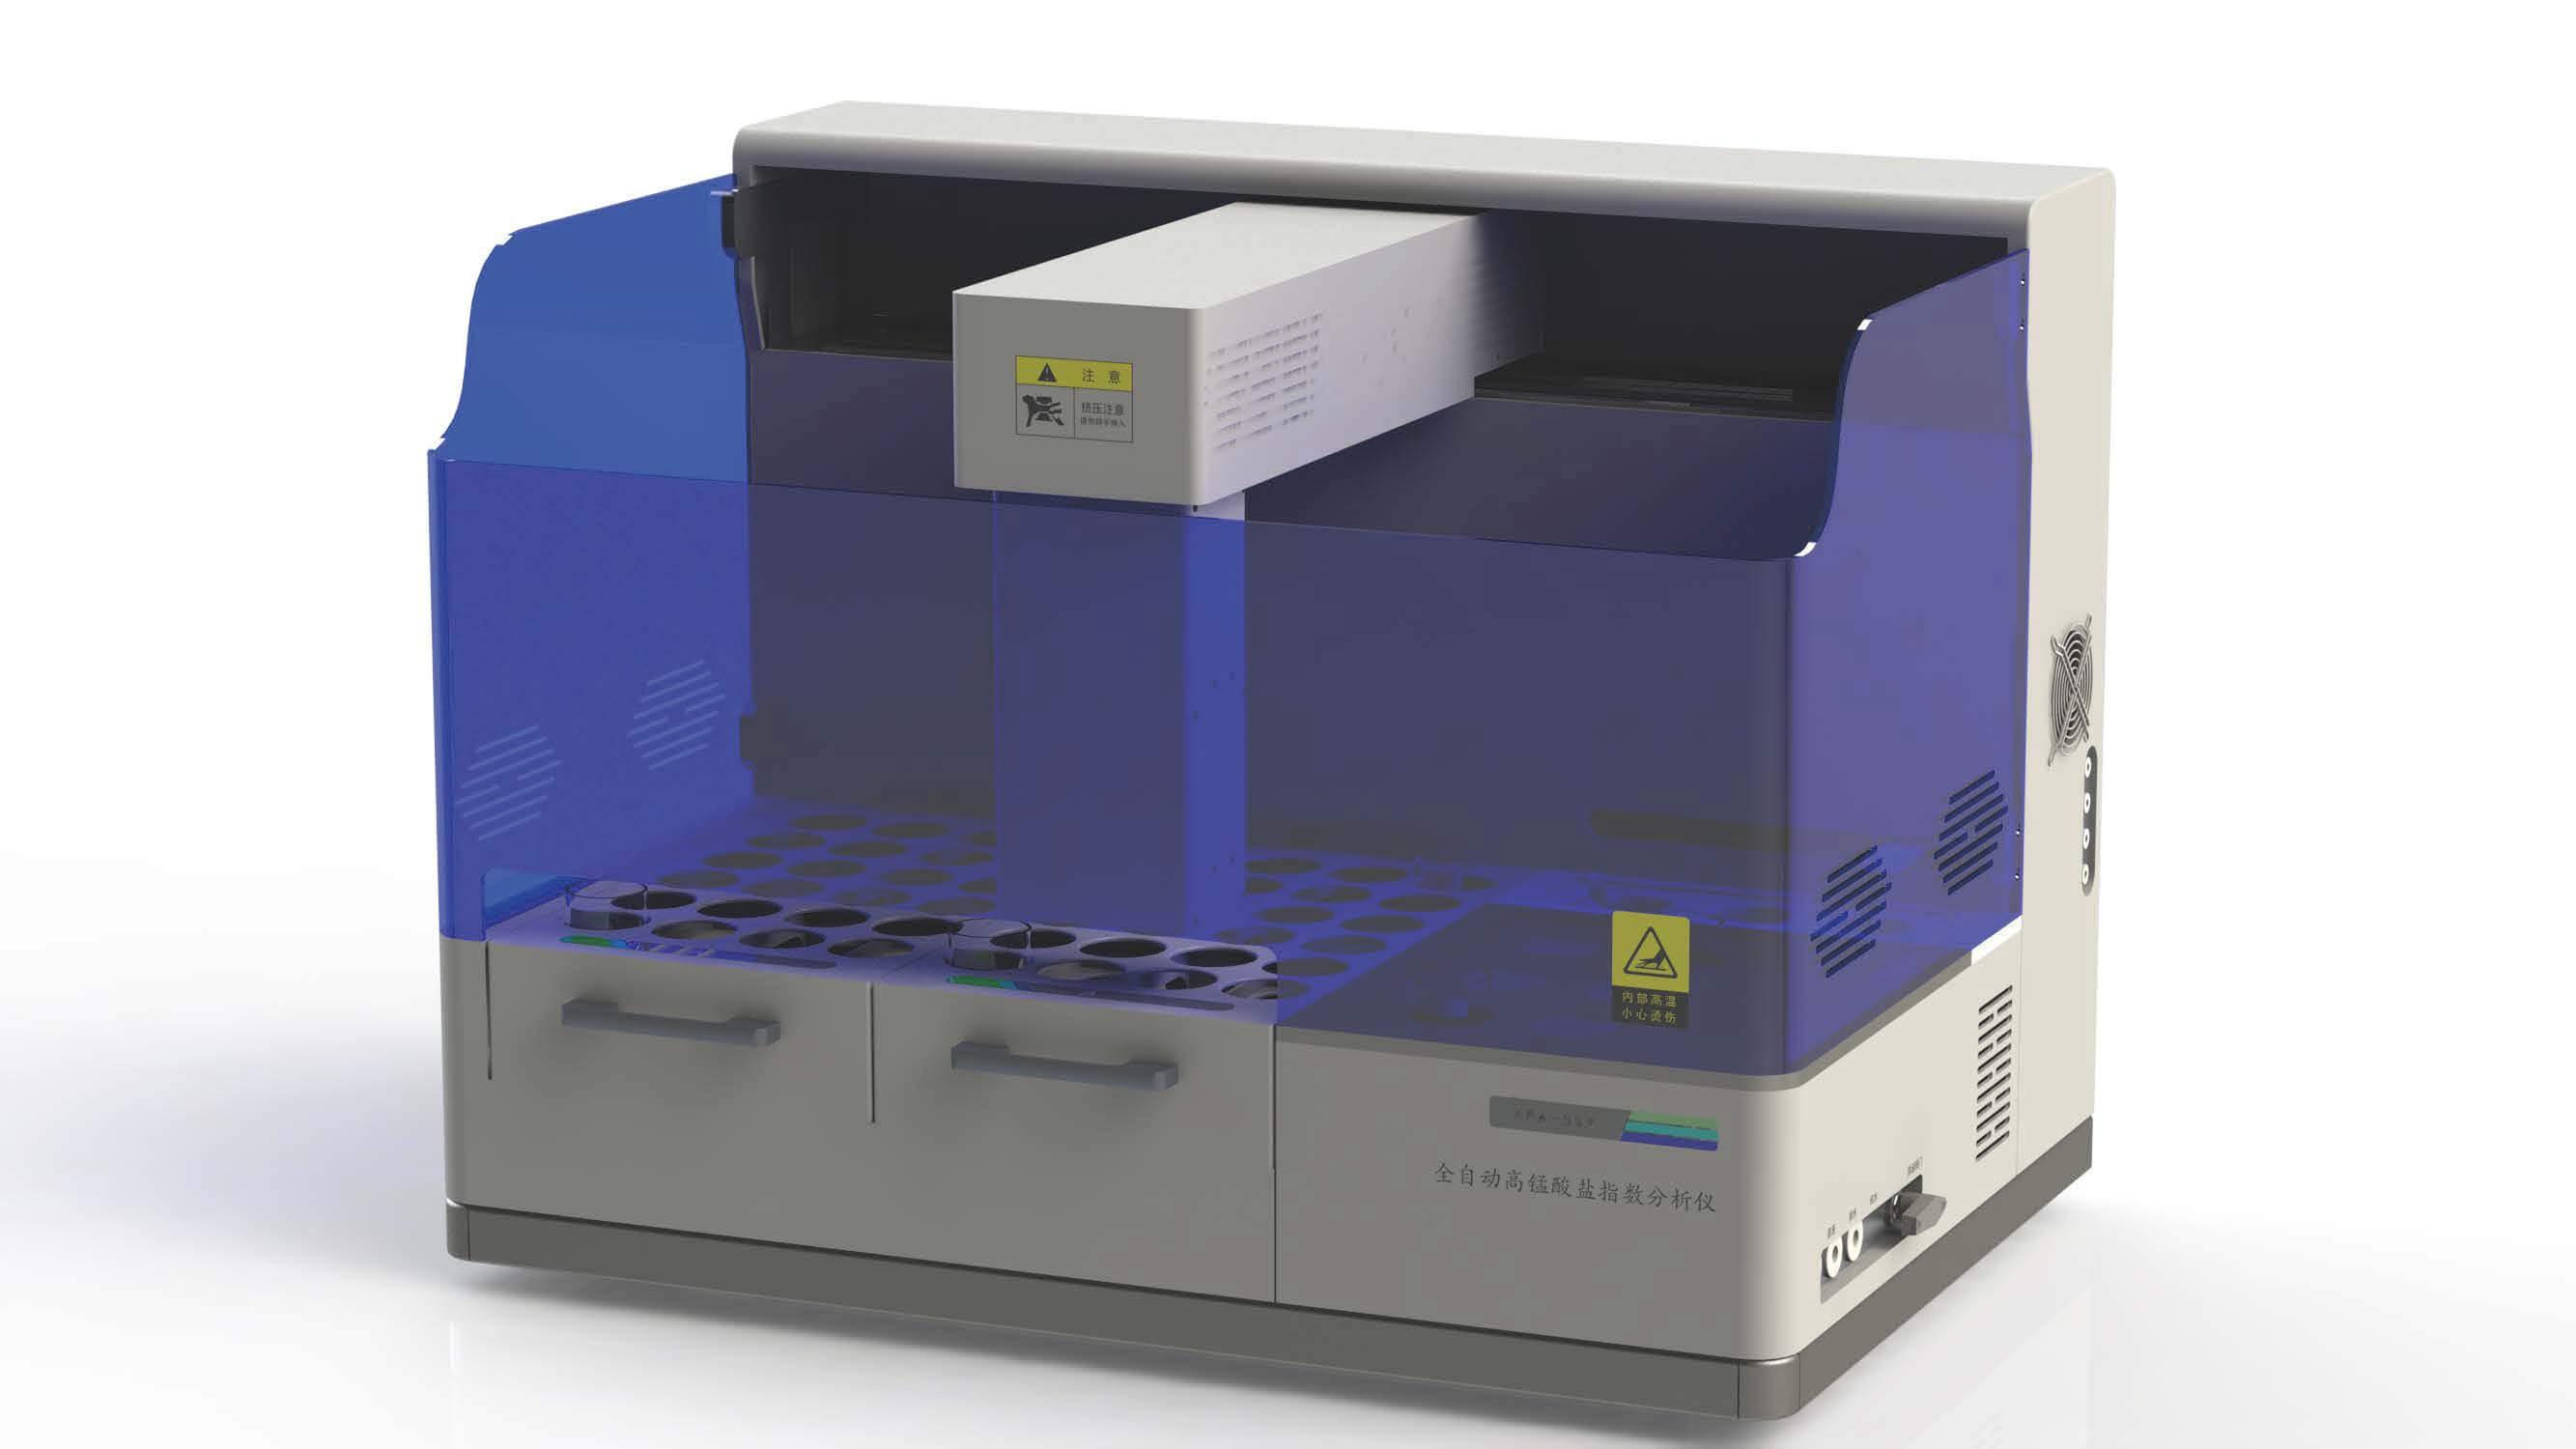 [转载]安杰科技中标河北省环境监测中心6套全自动高锰酸盐指数分析仪采购